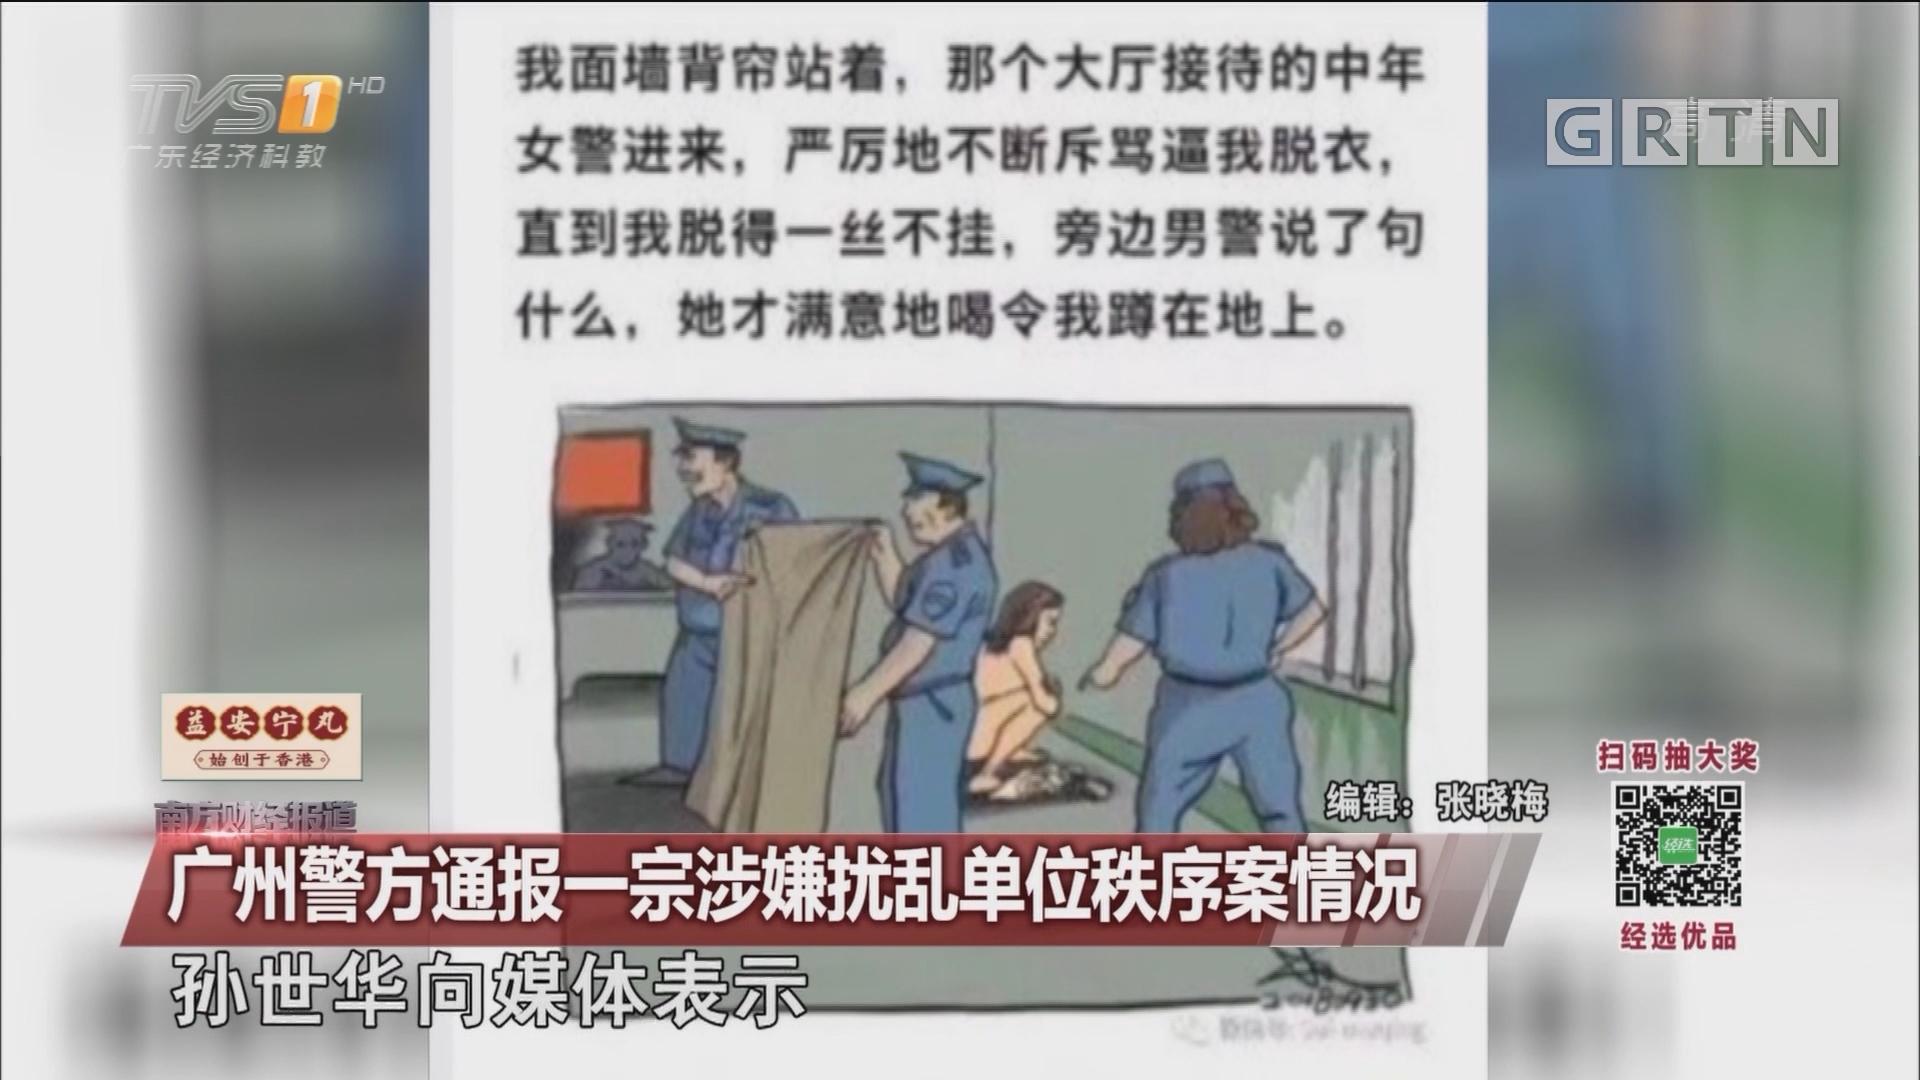 广州警方通报一宗涉嫌扰乱单位秩序案情况